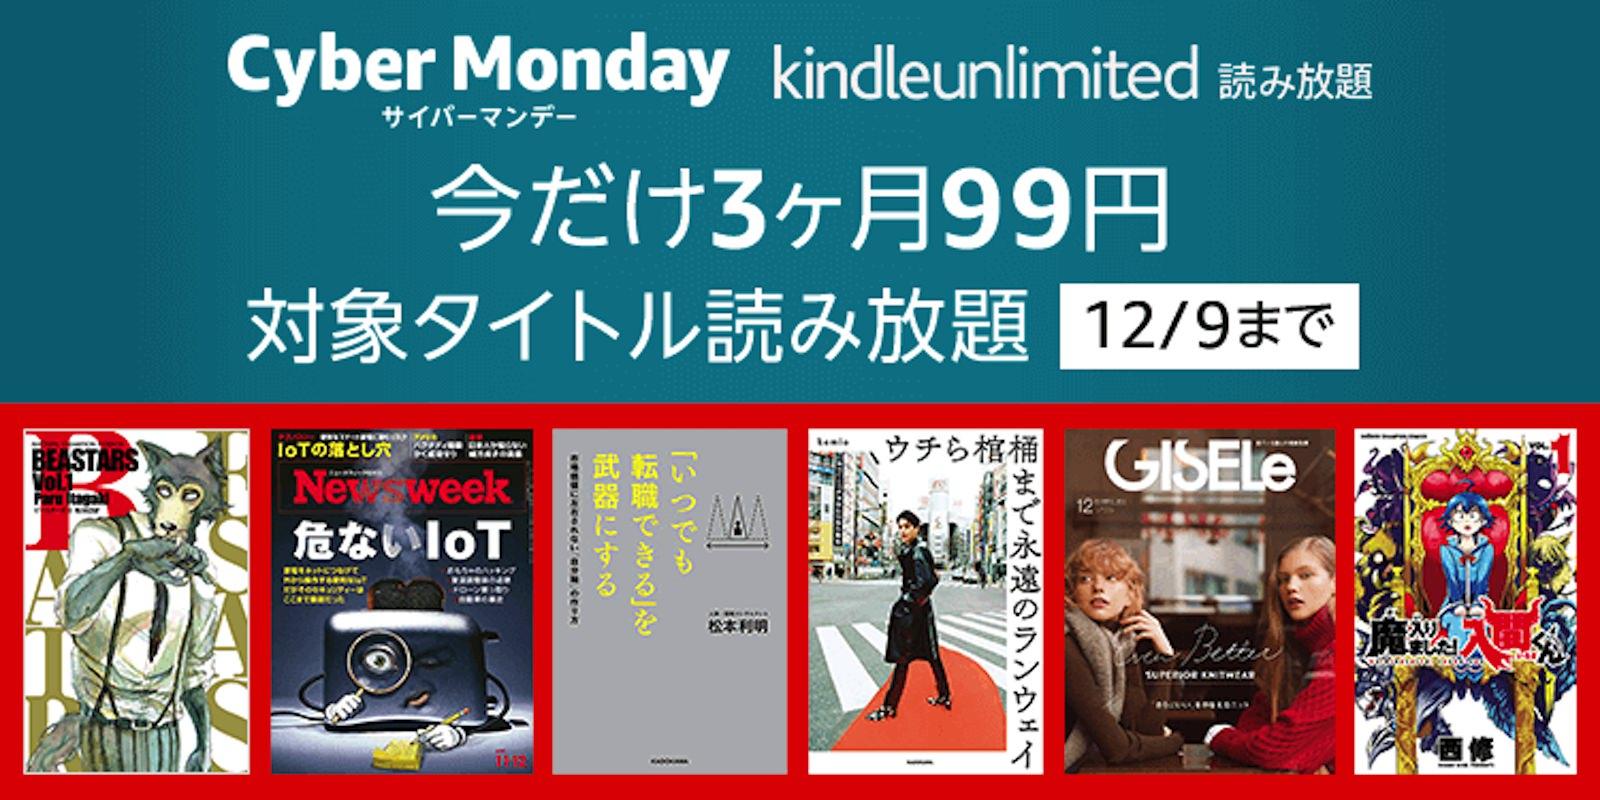 Cybermonday-KindleUnlimited-Camapaign-00.jpg